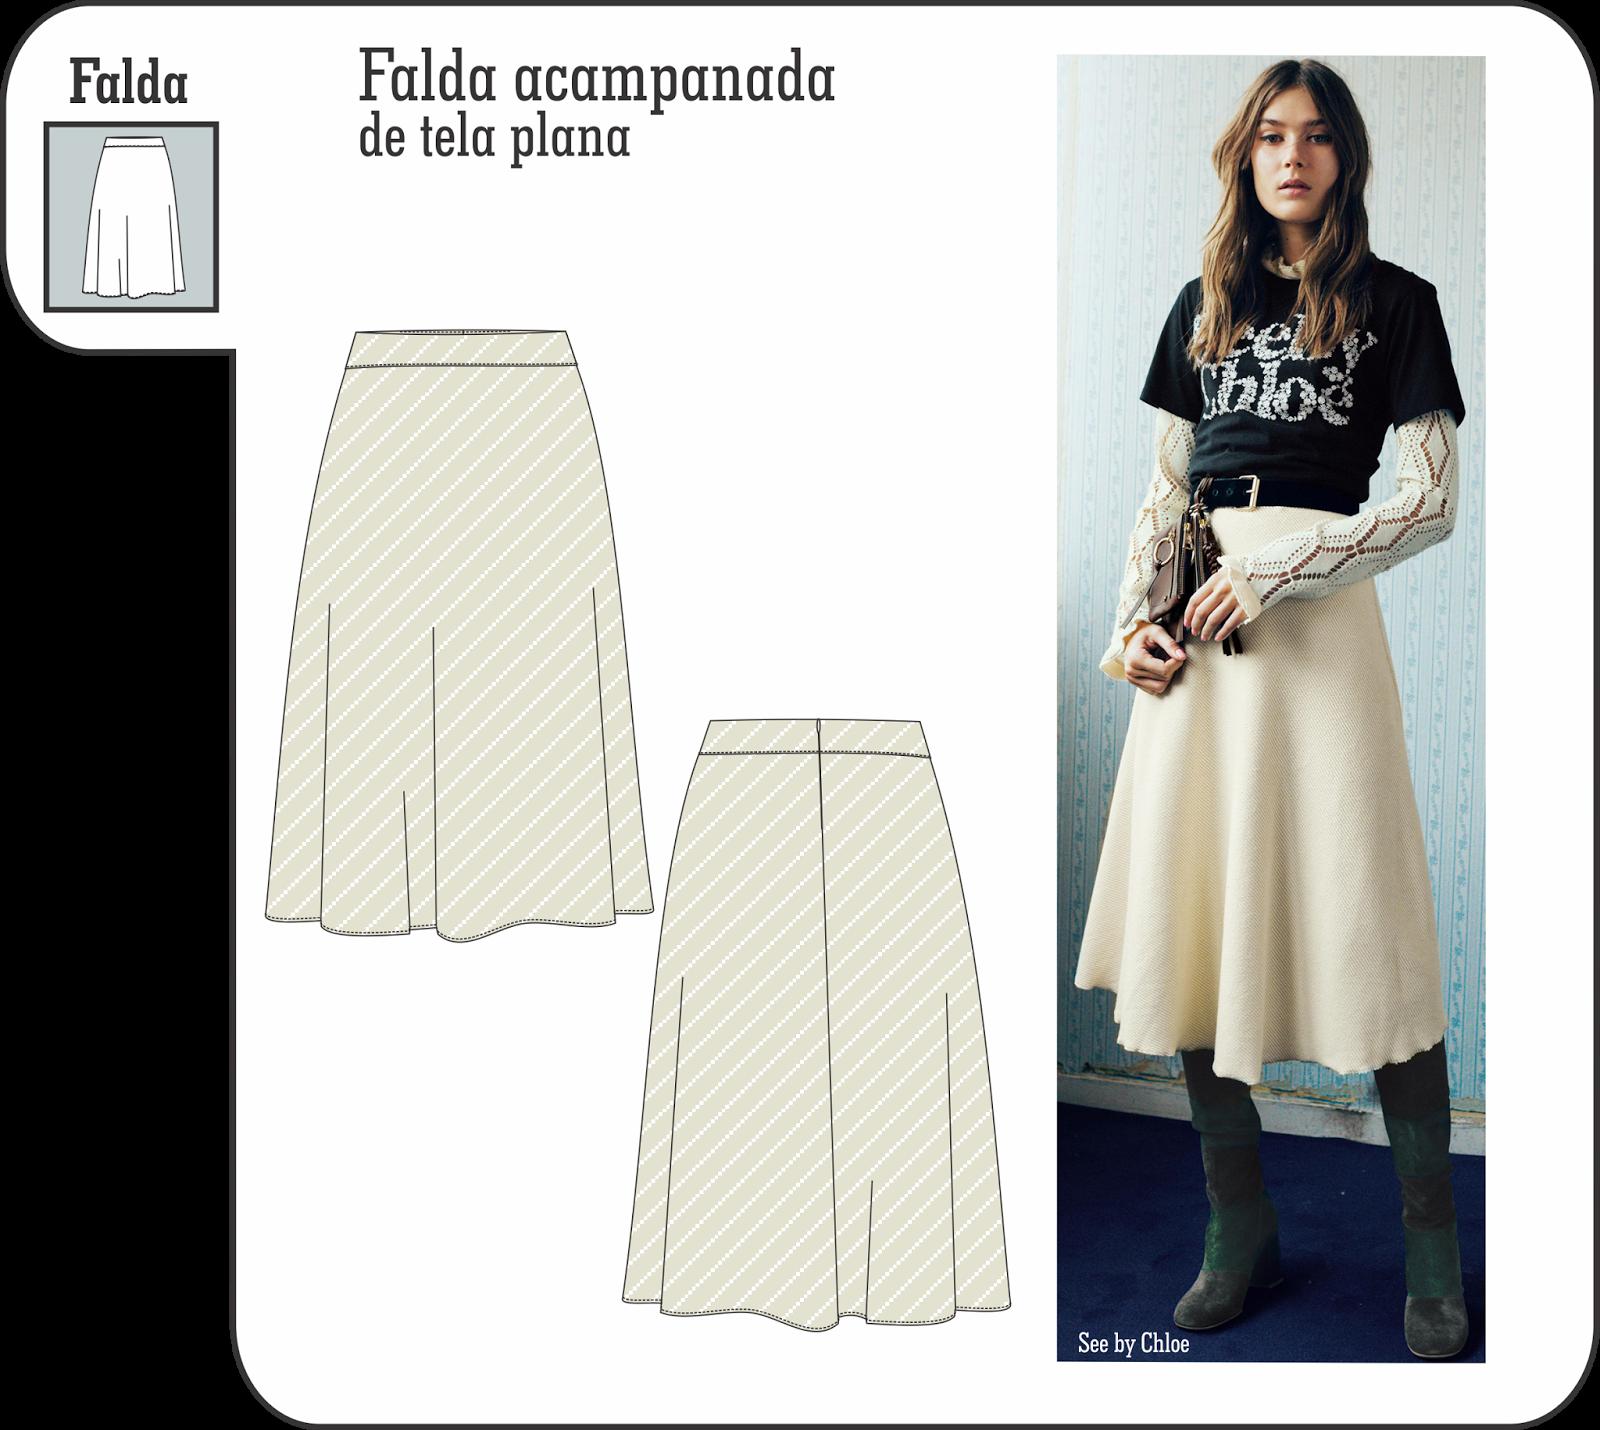 e14ff7bdf Moda y Diseño: Confección de prendas simples, punto de partida de ...